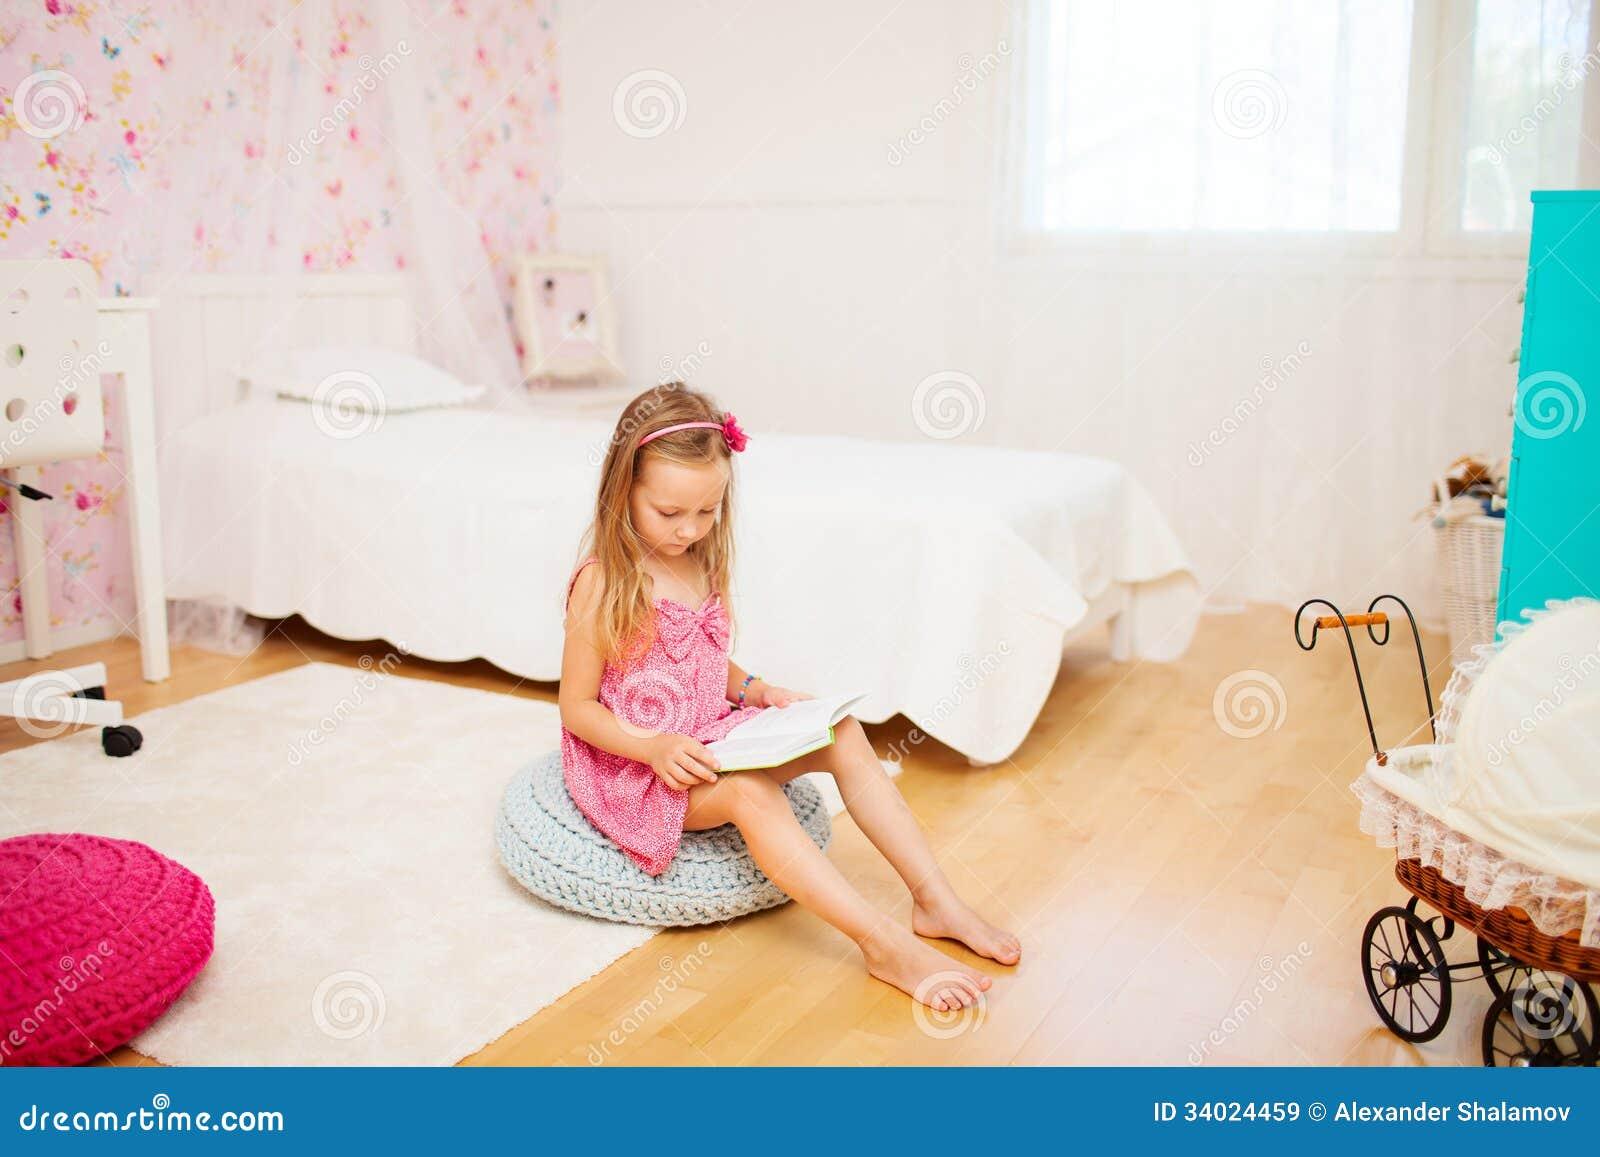 Meisje in haar ruimte royalty vrije stock afbeeldingen afbeelding 34024459 - Tiener meubilair ruimte meisje ...